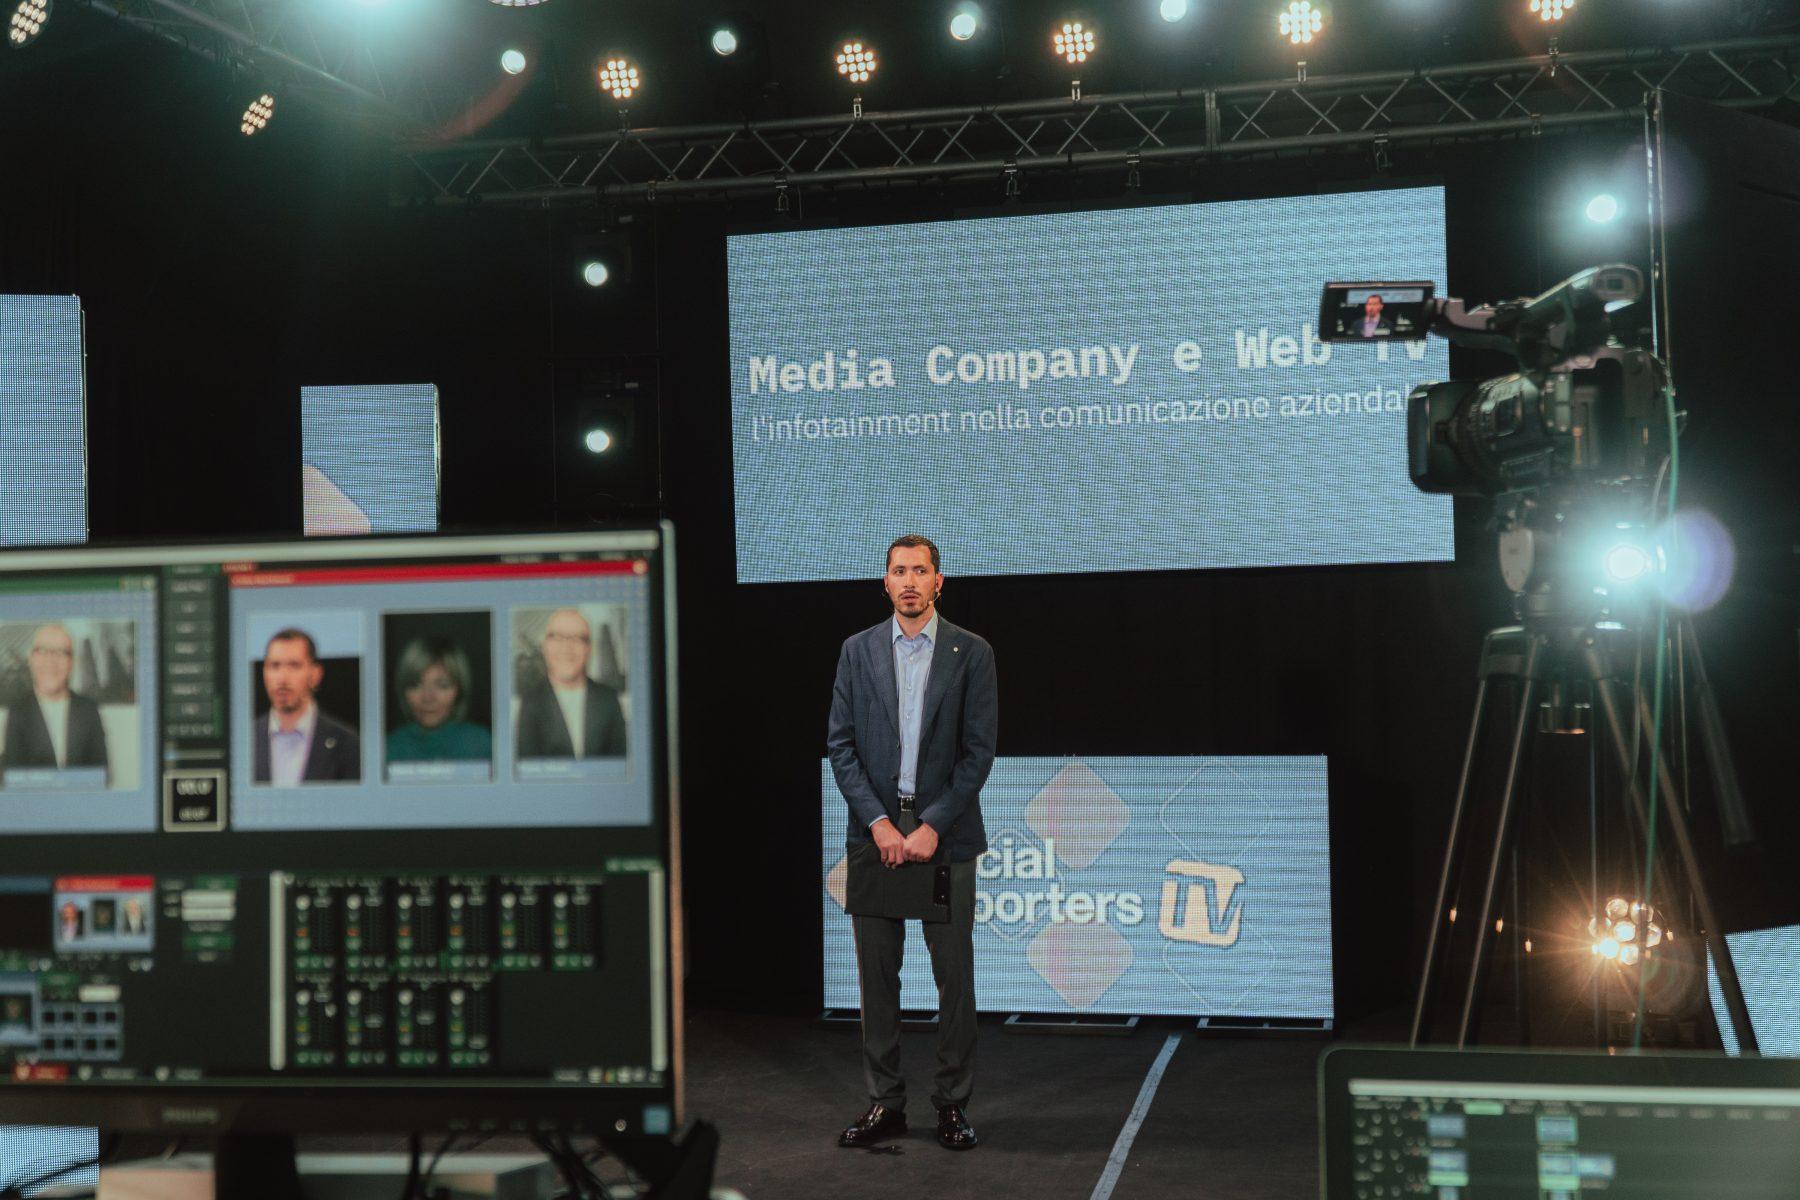 EVENTI ONLINE 2.0 : IL CASO DELLA SOCIAL REPORTERS TV